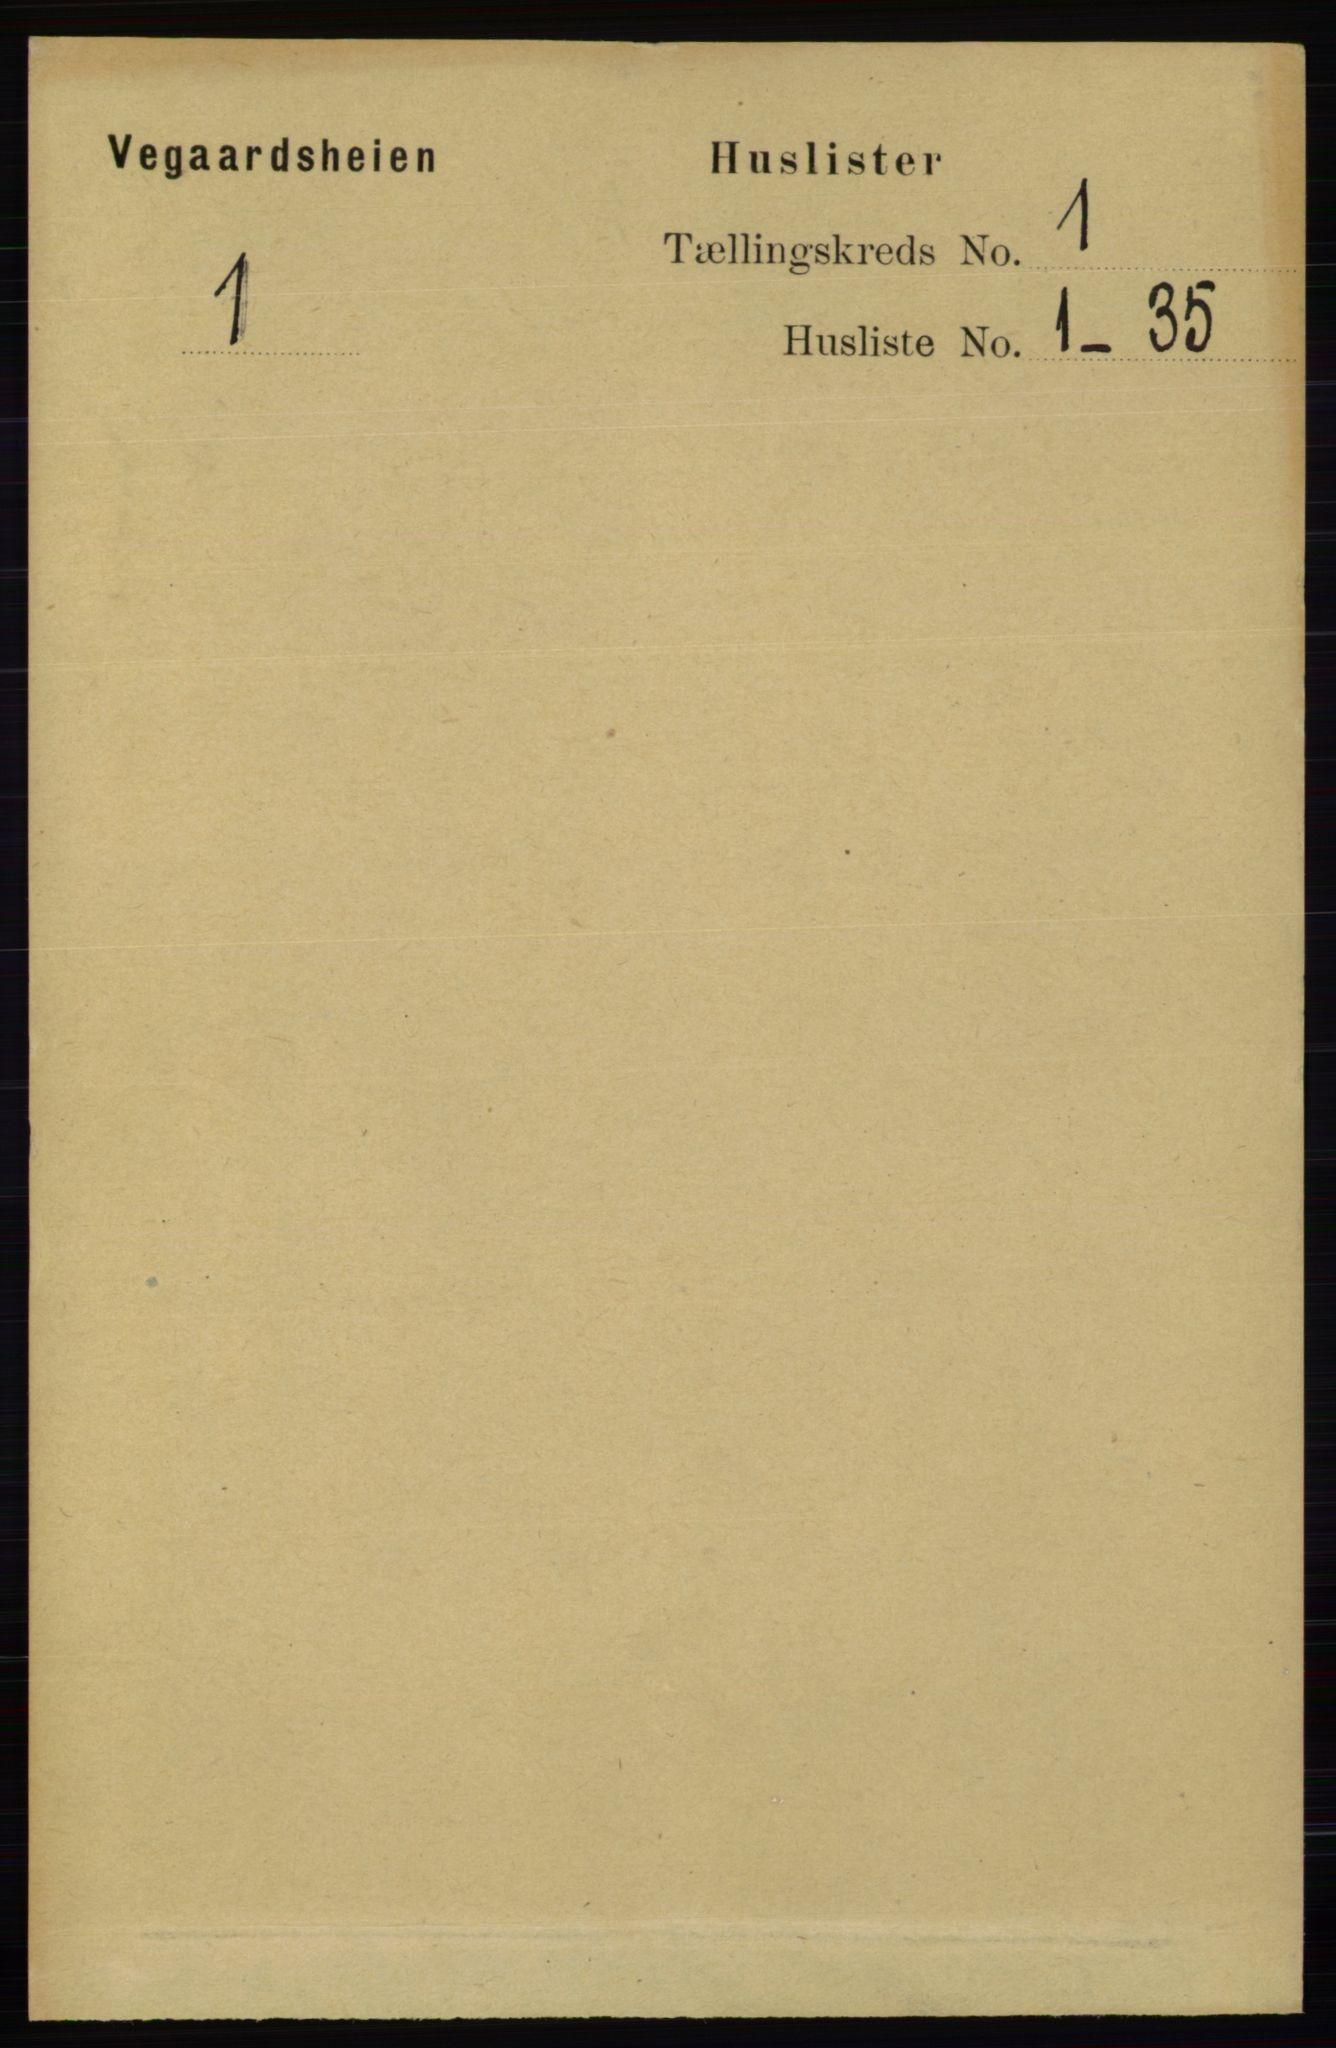 RA, Folketelling 1891 for 0912 Vegårshei herred, 1891, s. 28